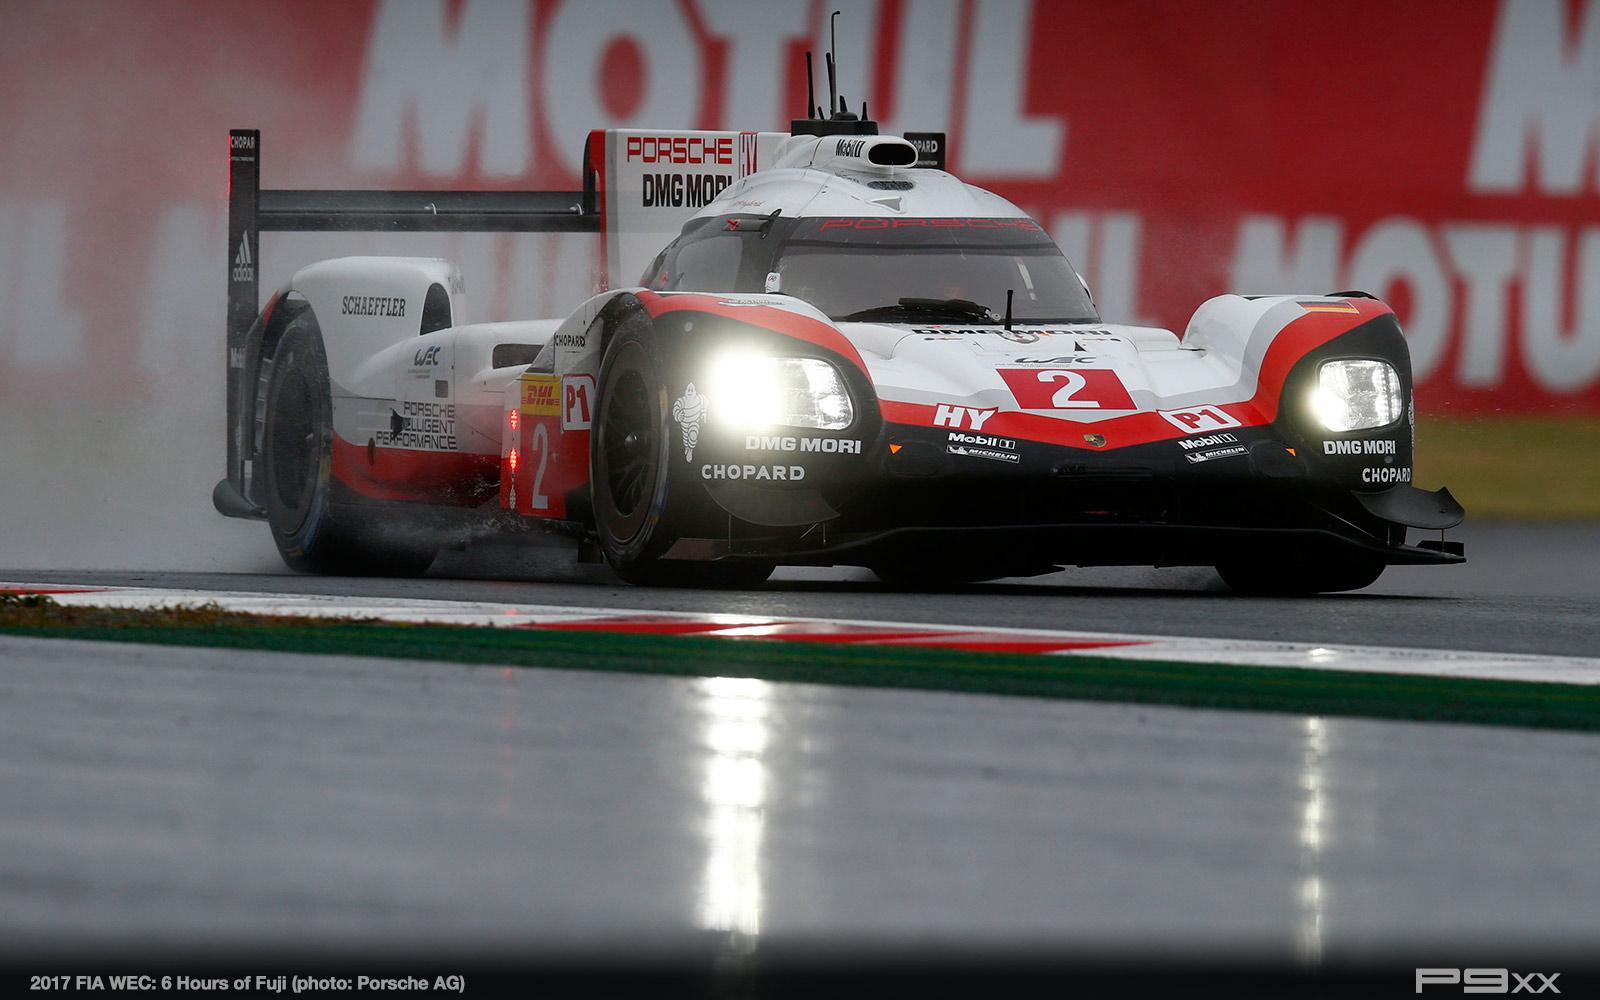 2017-FIA-WEC-6h-of-Fuji-Porsche-372